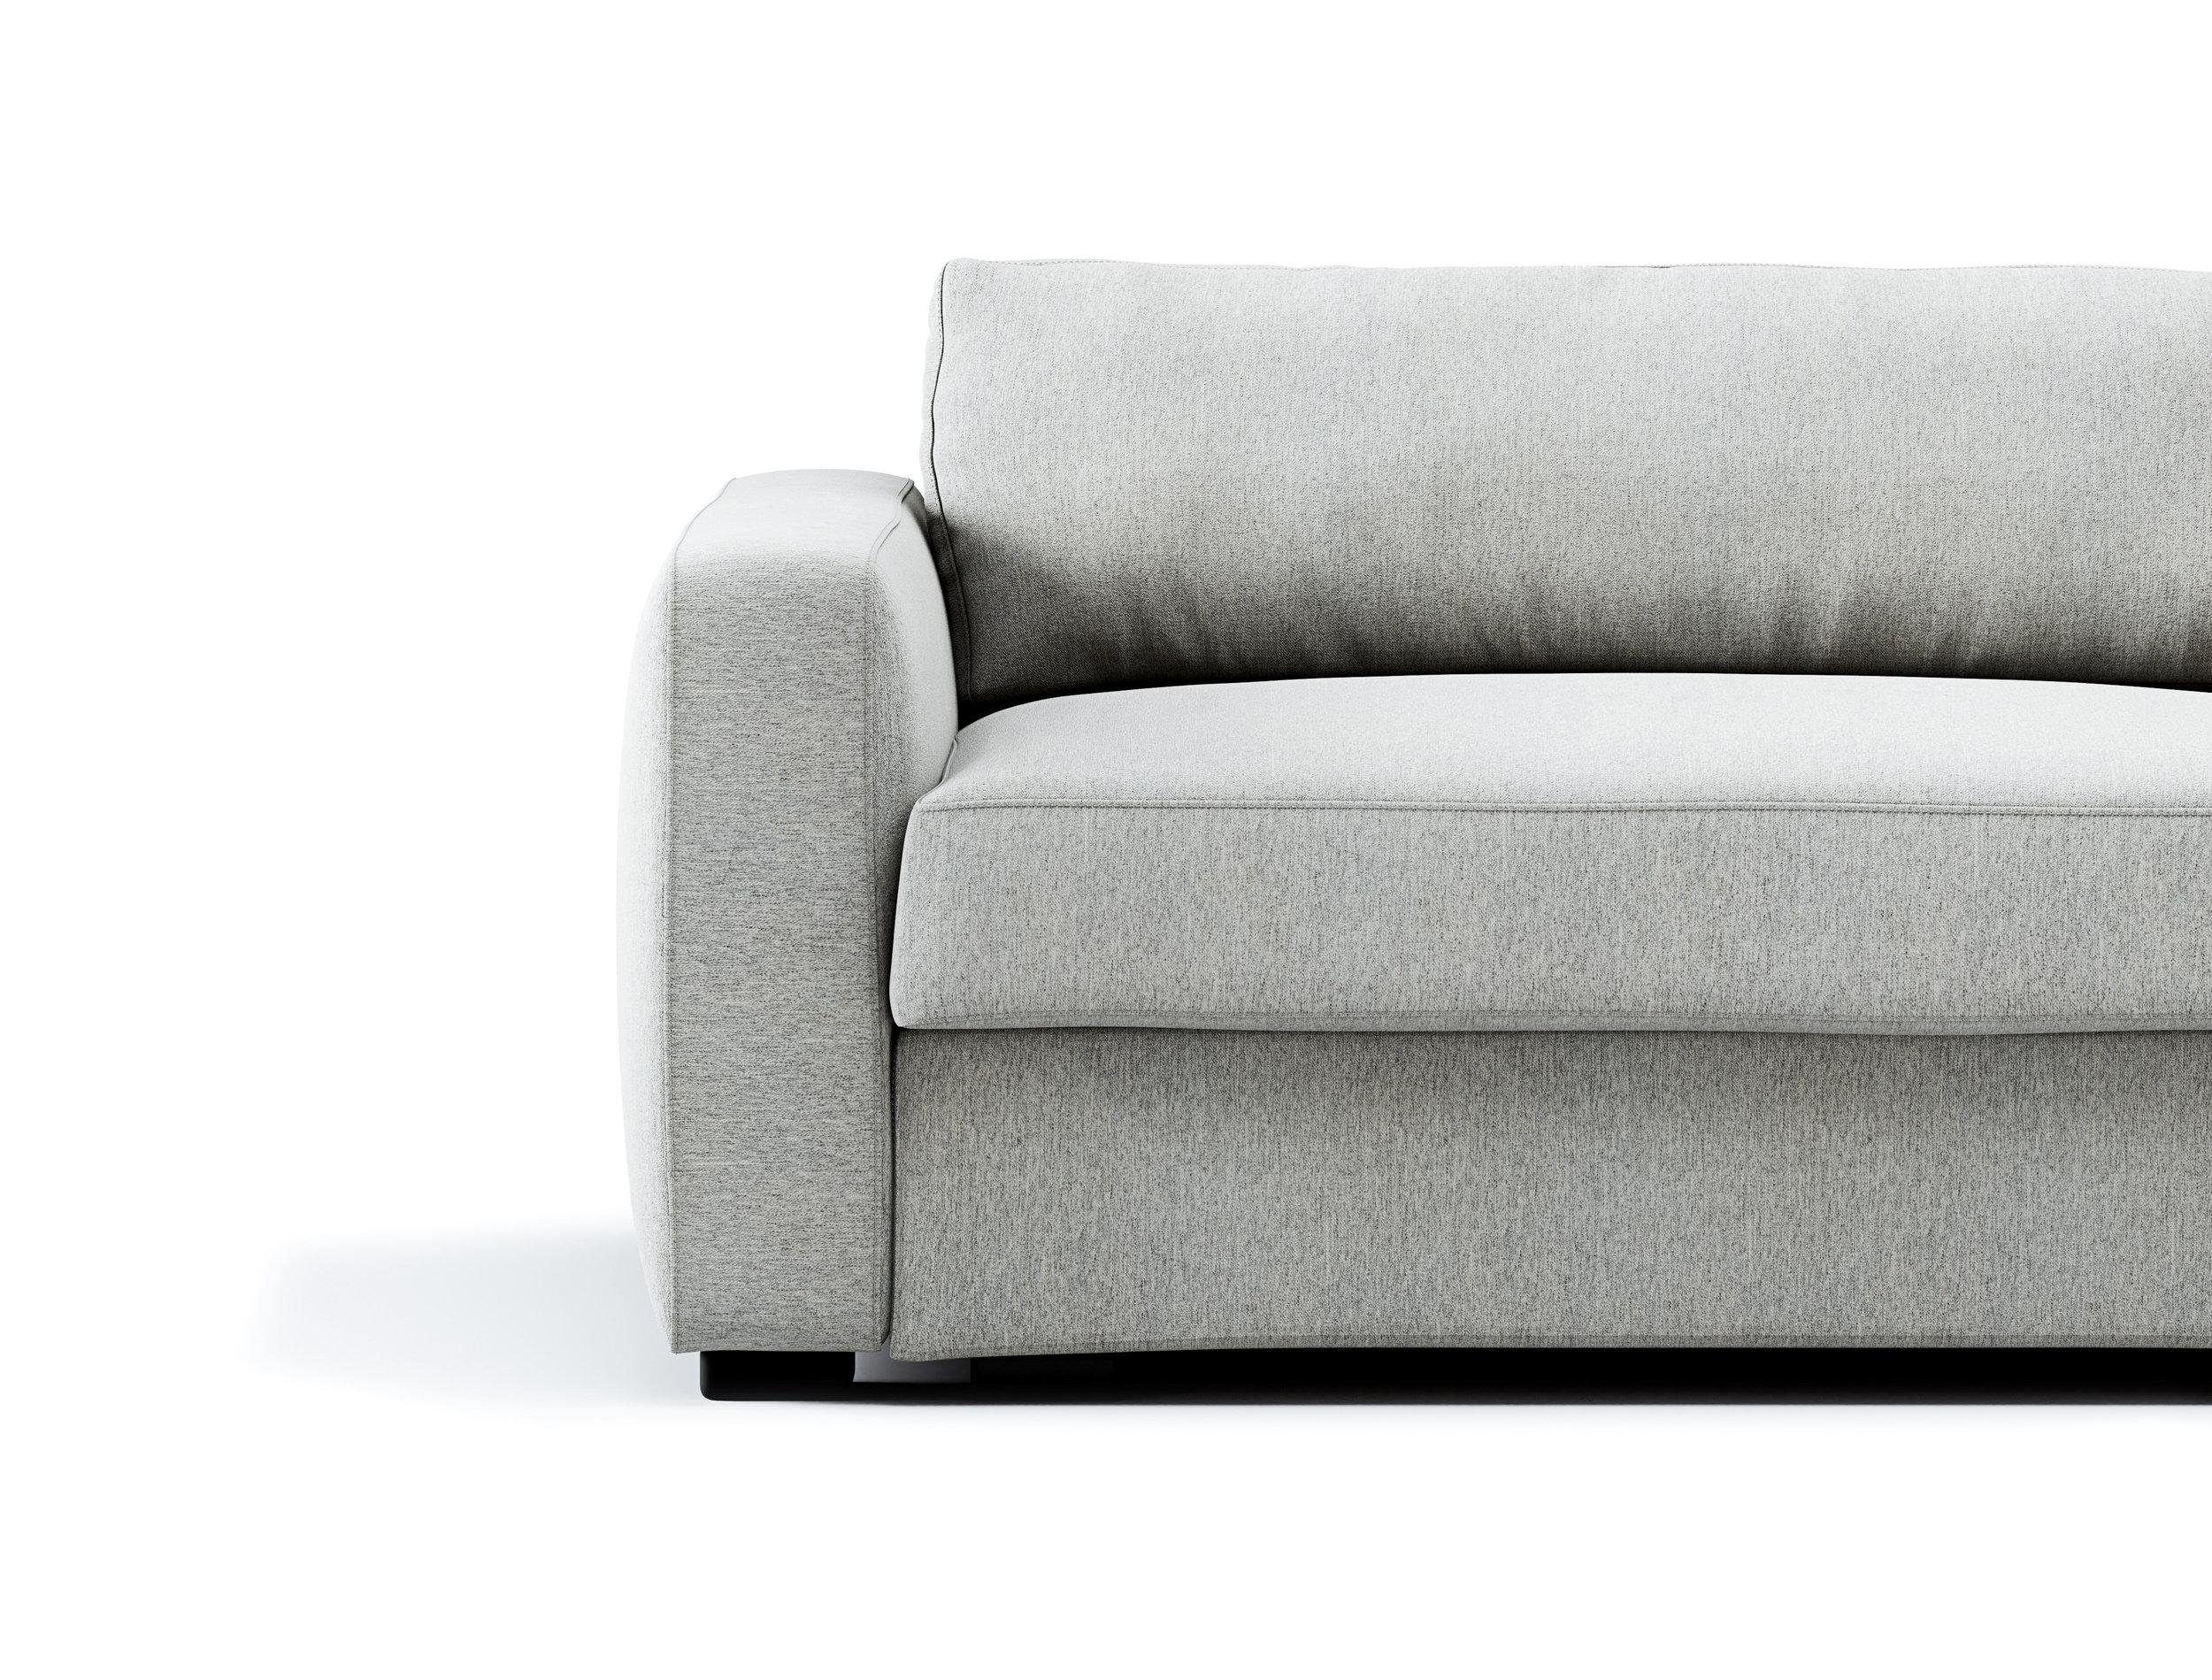 Sofa-Noorden-Detail.jpg